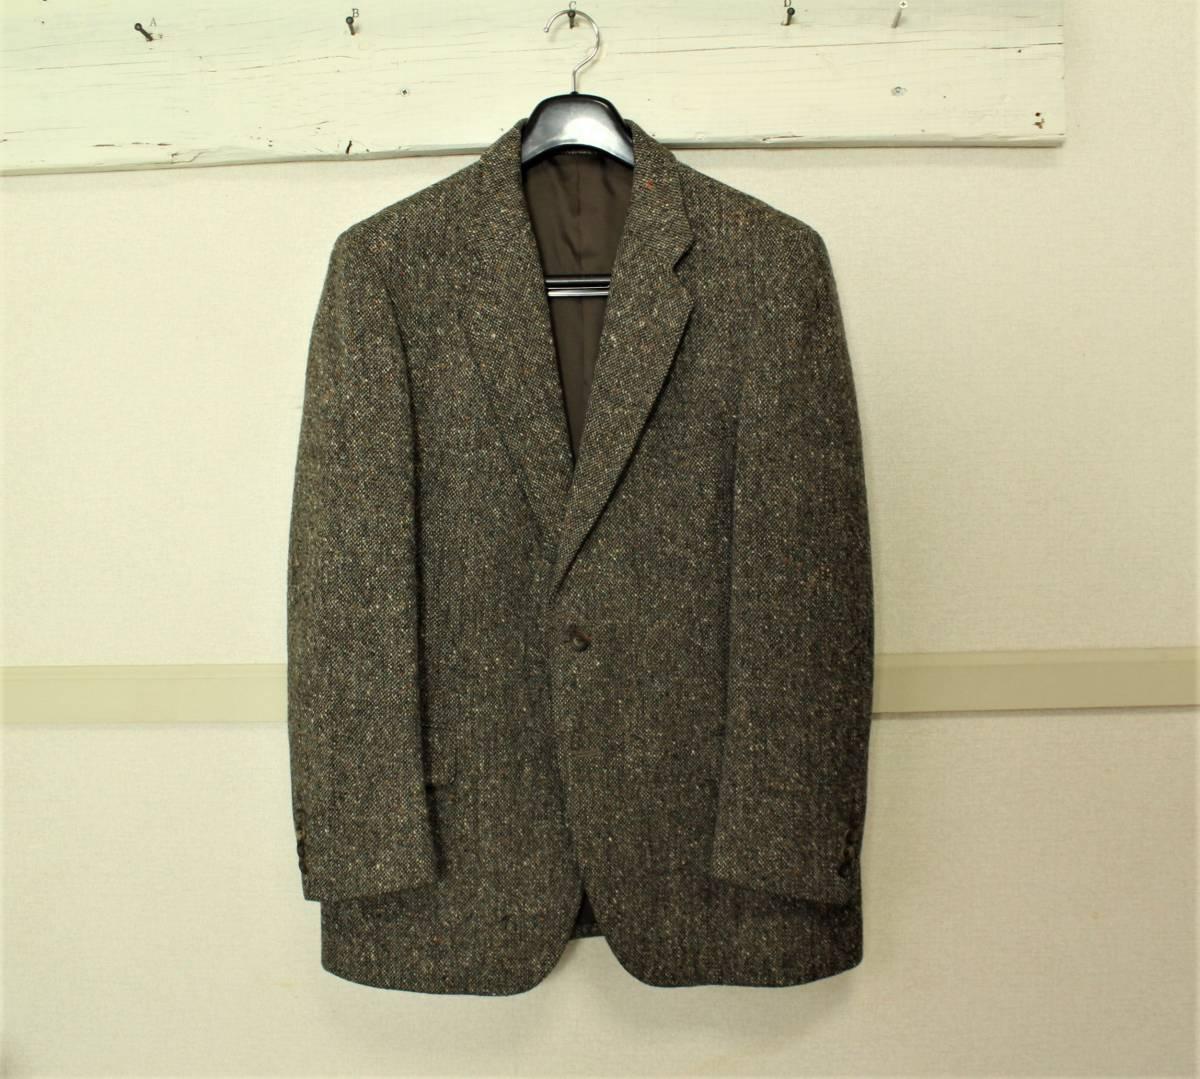 バーバリー BURBERRY 最高級ツイードジャケット ブレザー AB6 二つ釦 極美品 冬物 メンズ 紳士服 48相当【送料無料 送料込み 匿名配送】_画像2